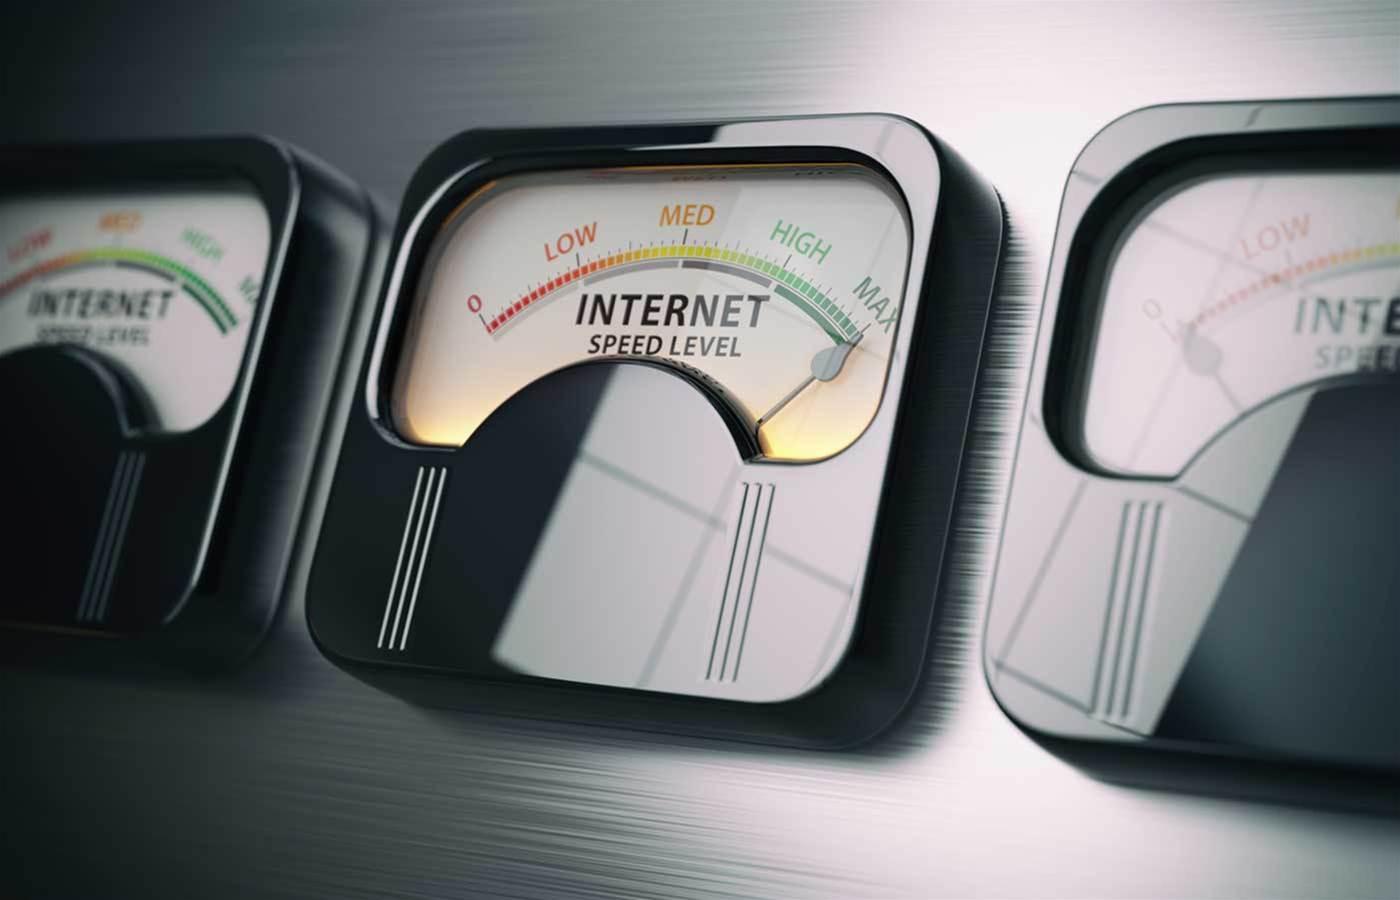 Telstra breaks 1Gbps barrier on commercial network